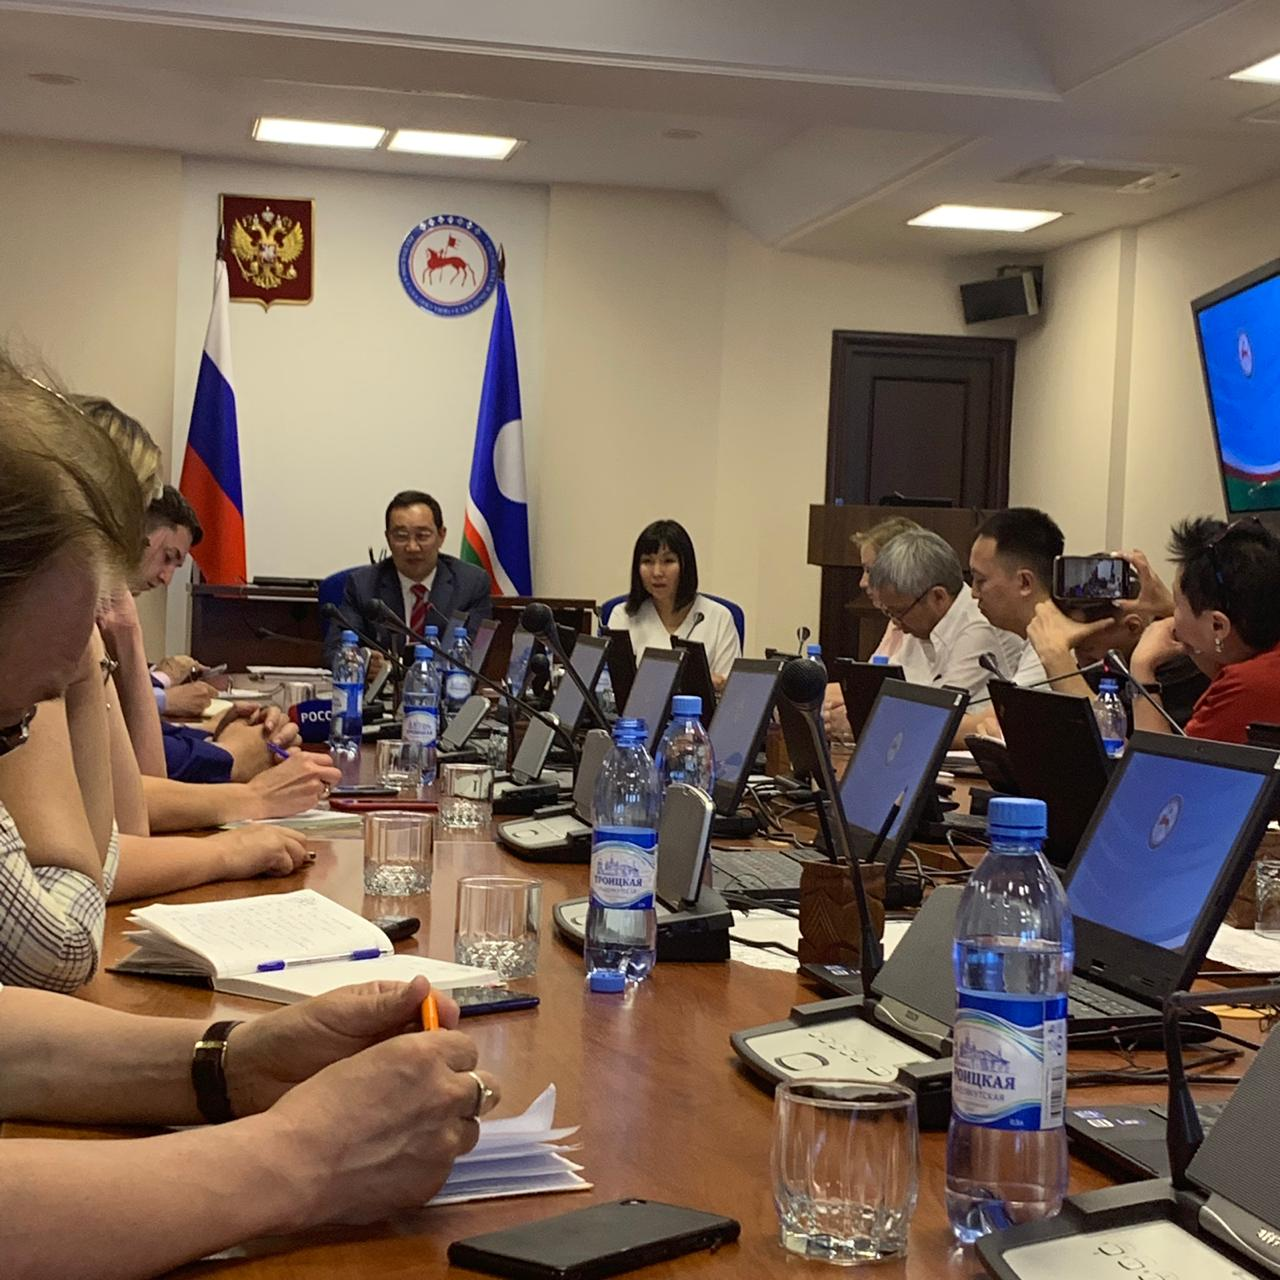 Айсен Николаев: Если ты взялся управлять Якутией, будь готов к проблемам